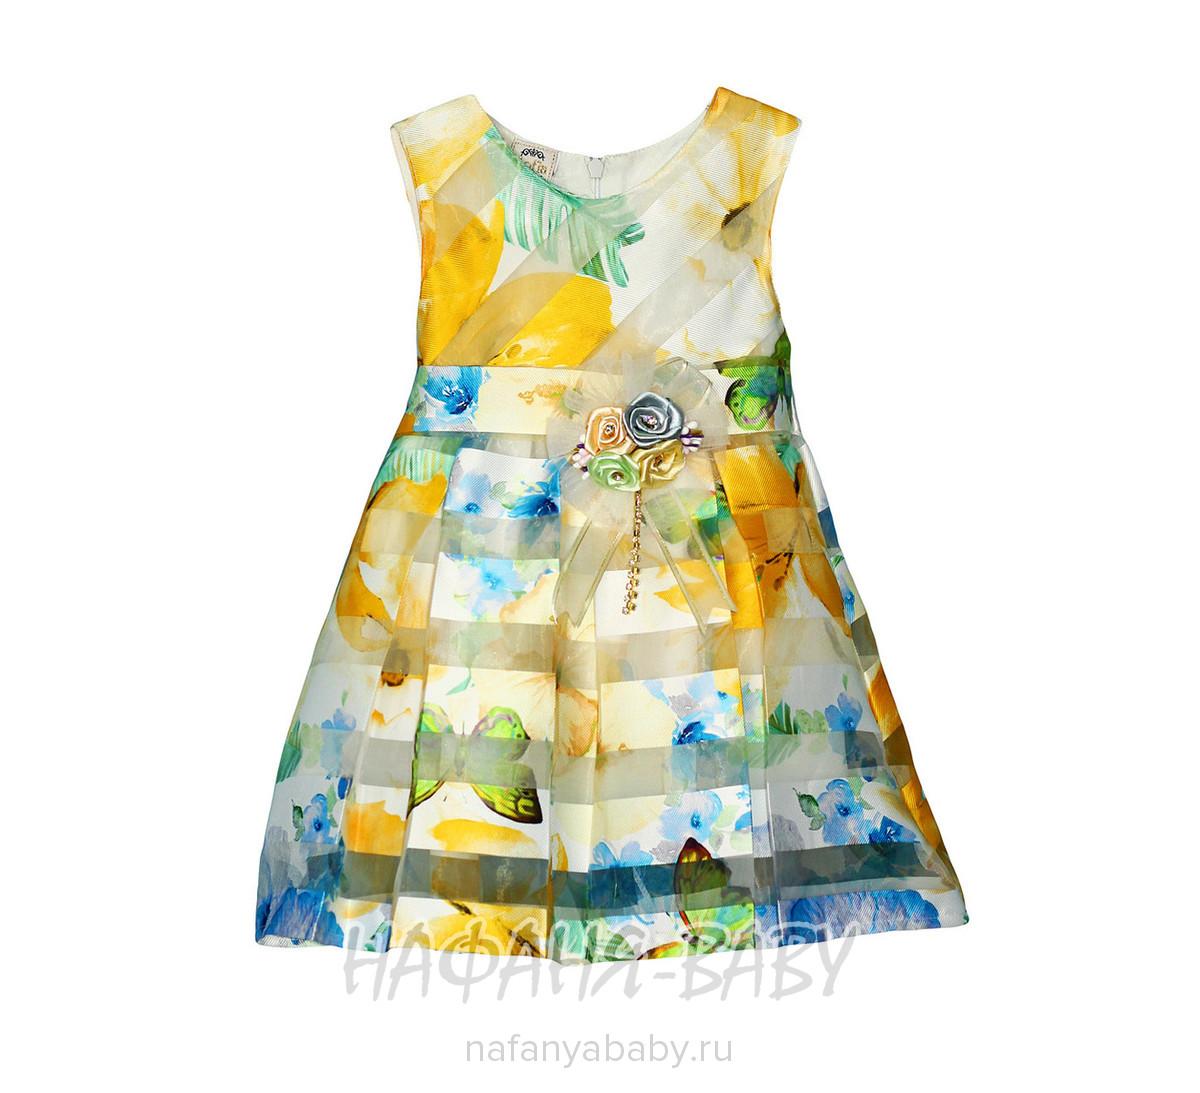 Платье нарядное SOFIA, купить в интернет магазине Нафаня. арт: 2026.